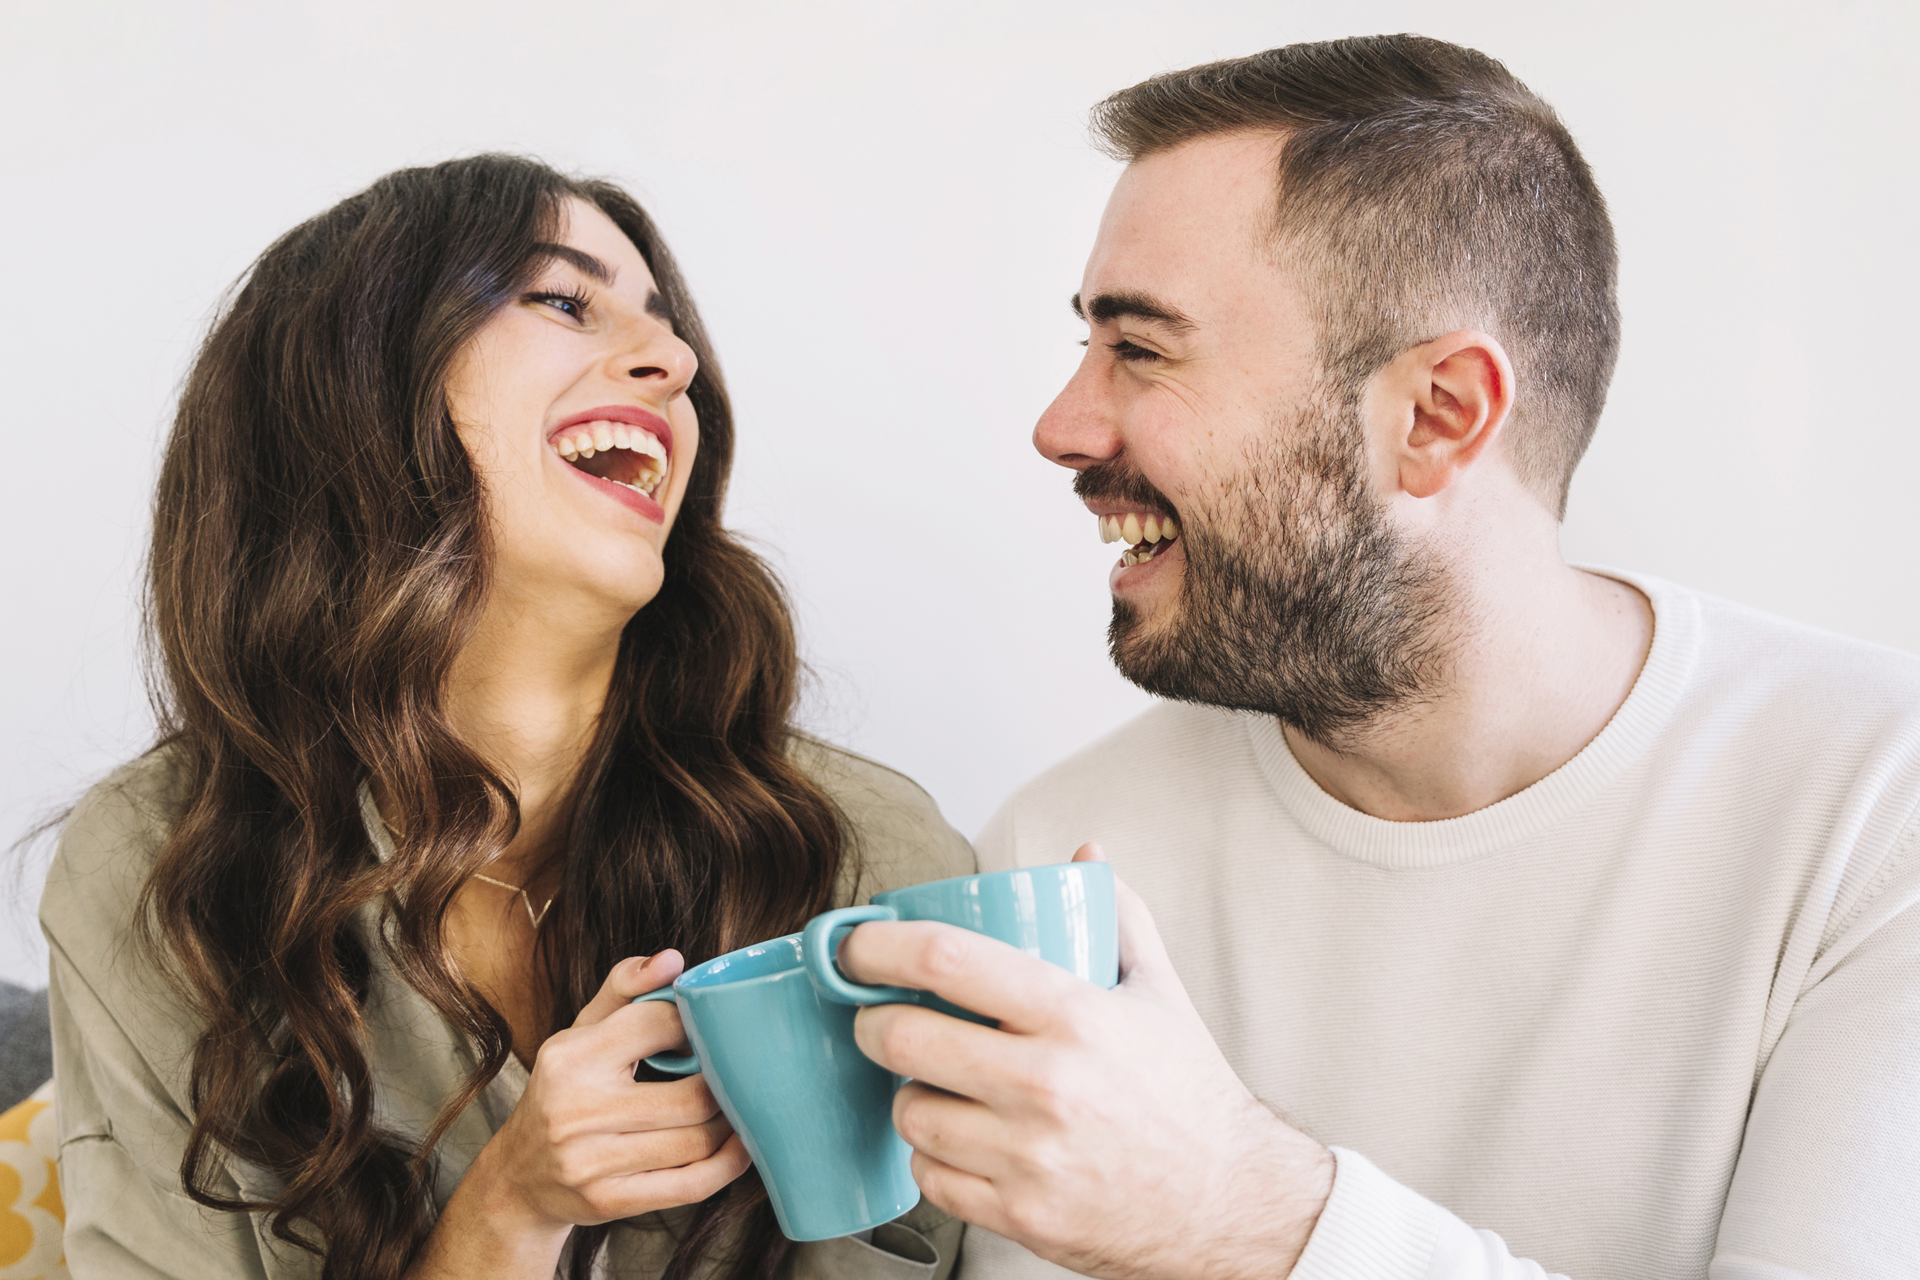 Compartir momentos es lo que forma a una pareja